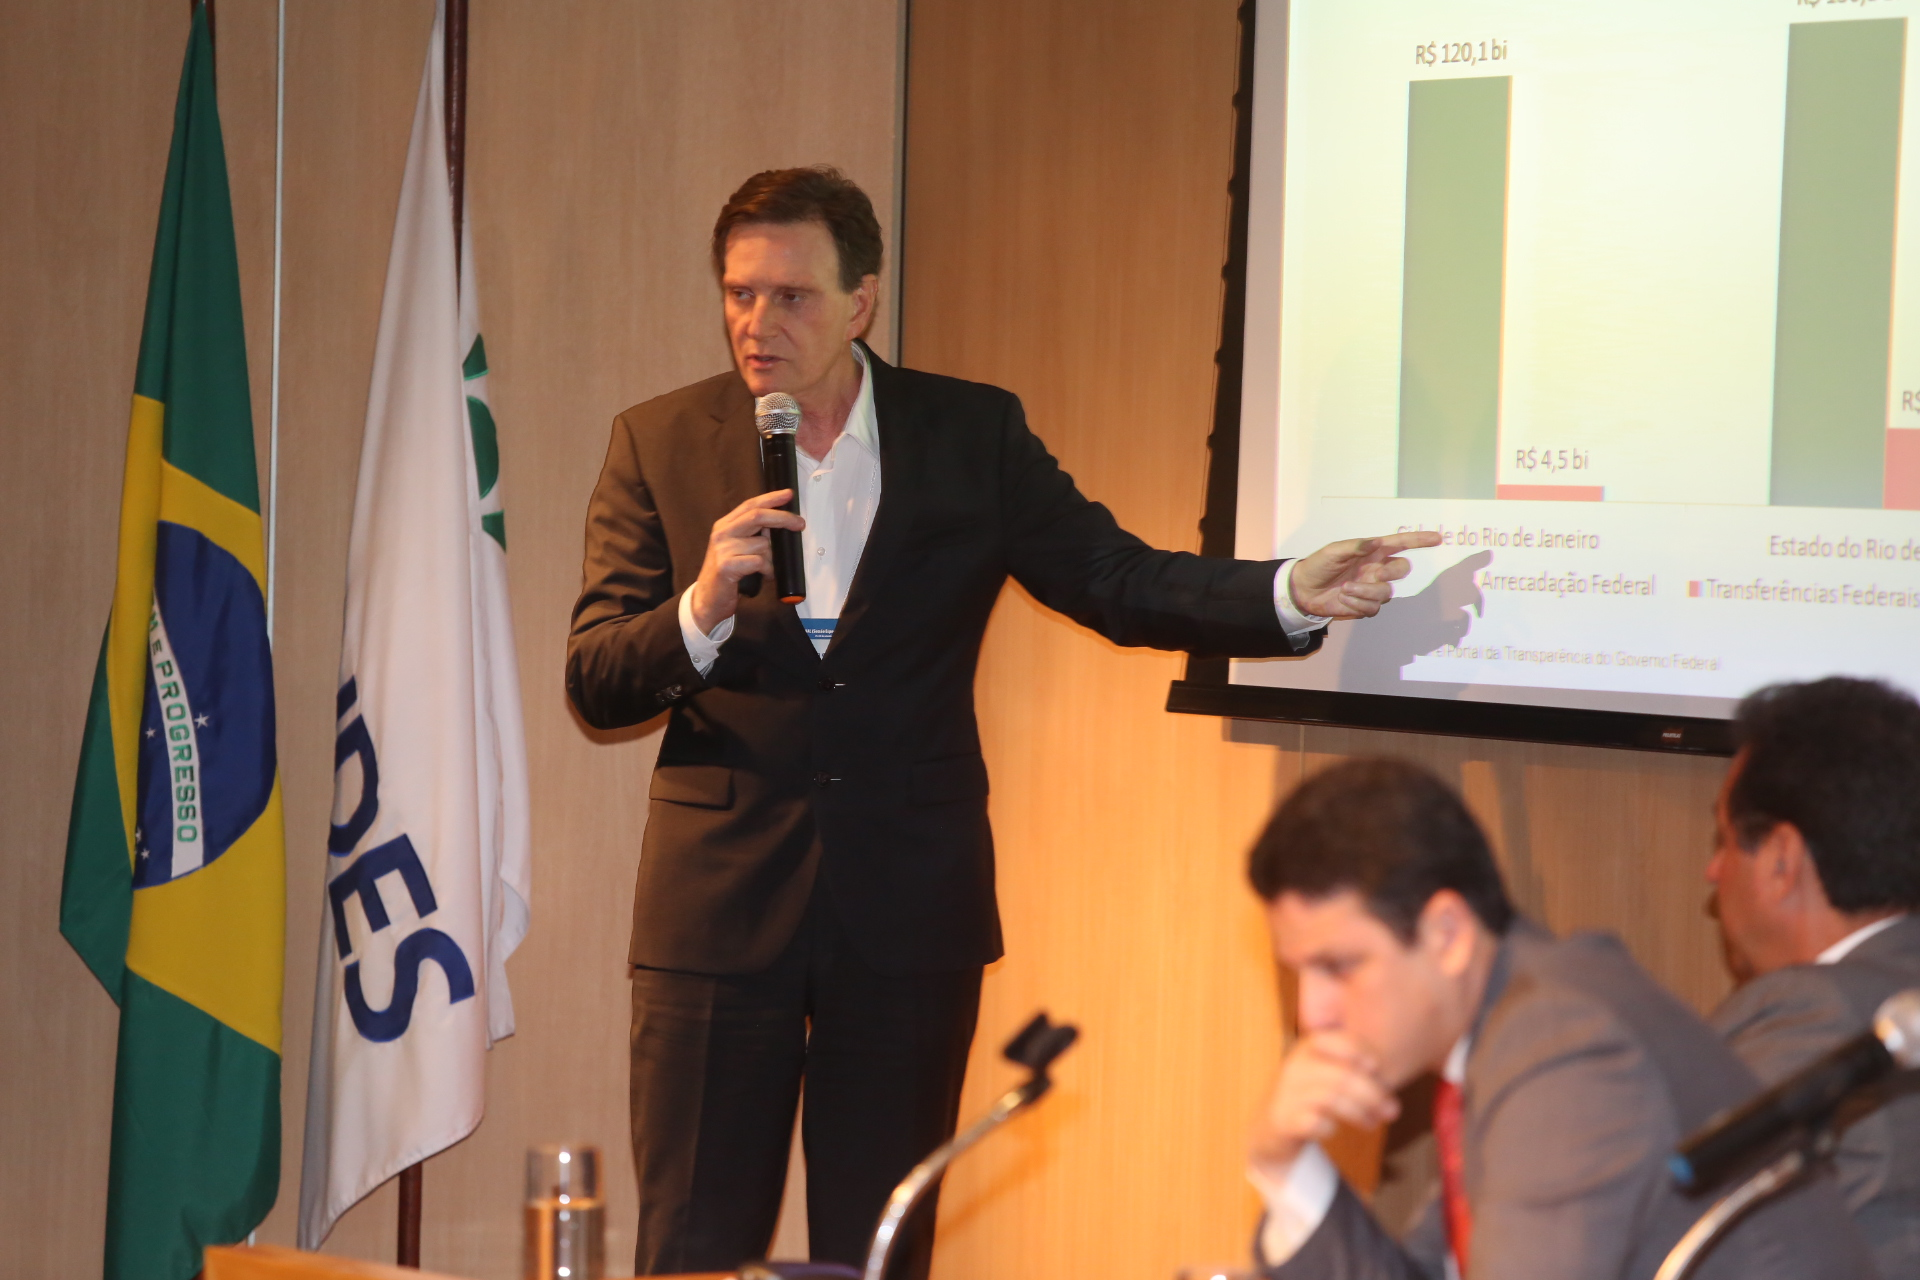 Crivella defende pacto federativo para acabar com desequilíbrio fiscal no Rio